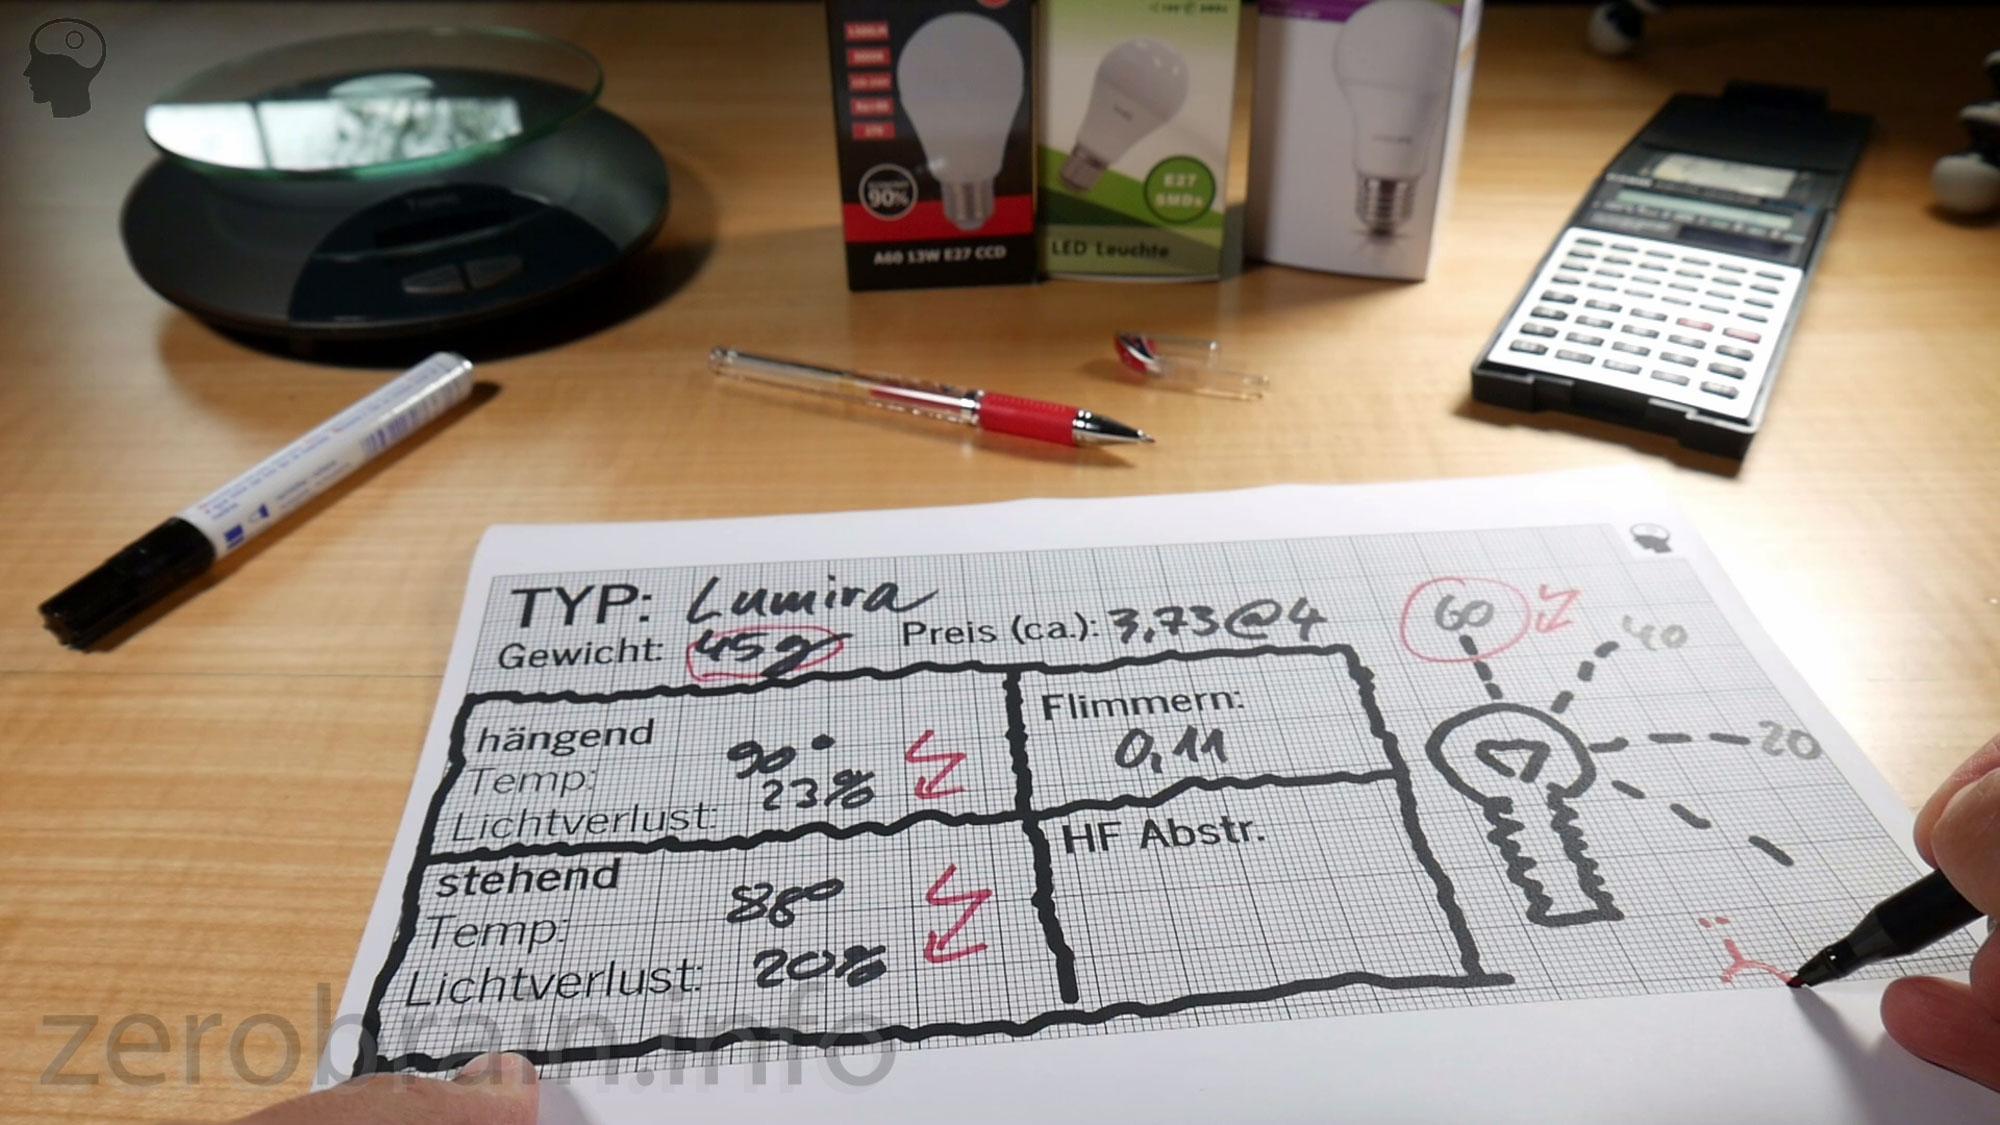 Testergebnisse Lumira E27 LED